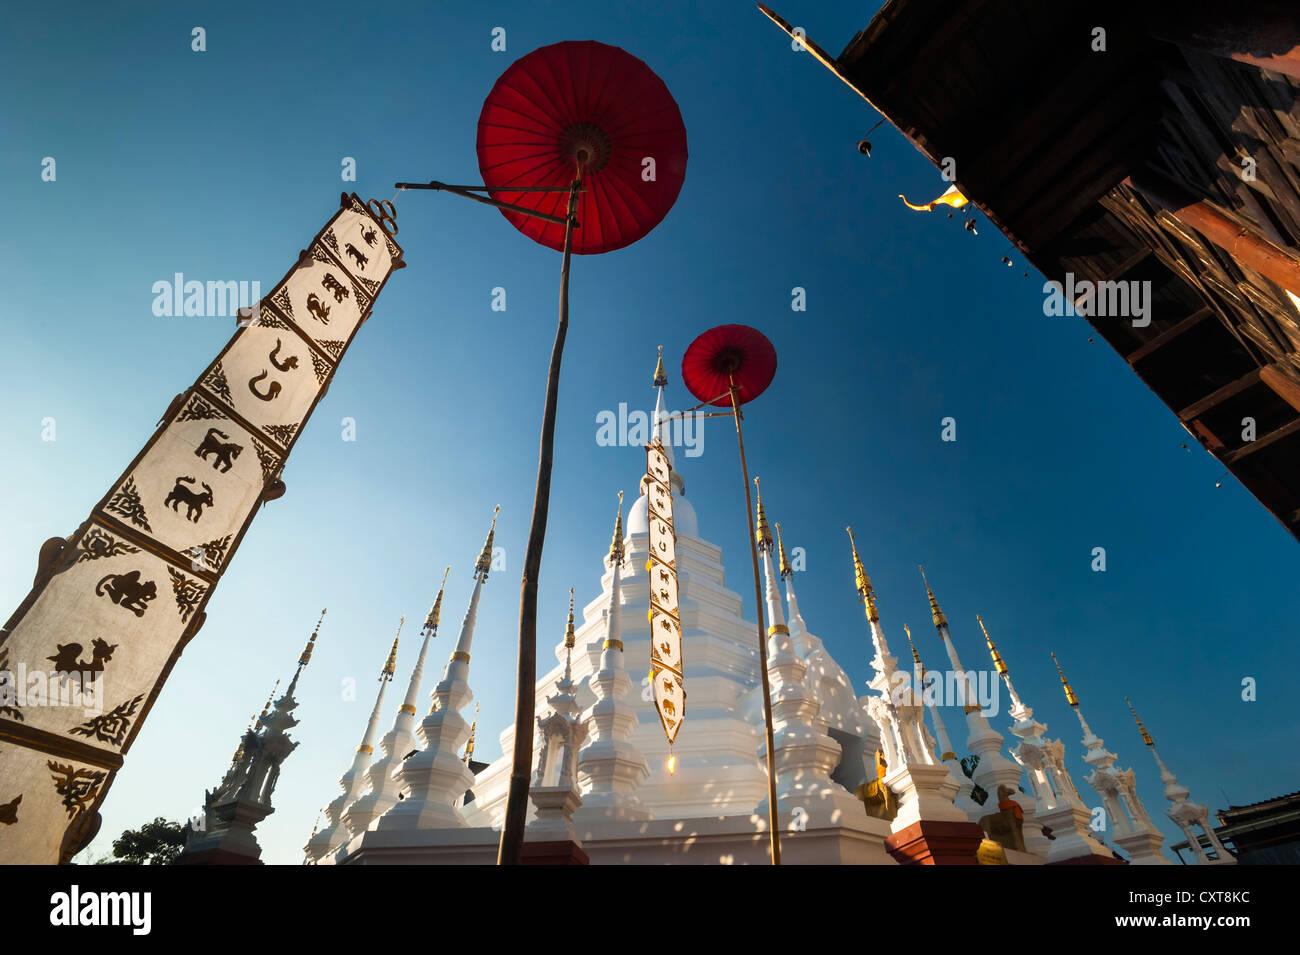 Chedi oder Pagode mit roten Sonnenschirmen, Wat Phan Tao Tempel, Asien, Thailand, Chiang Mai, Nordthailand Stockbild